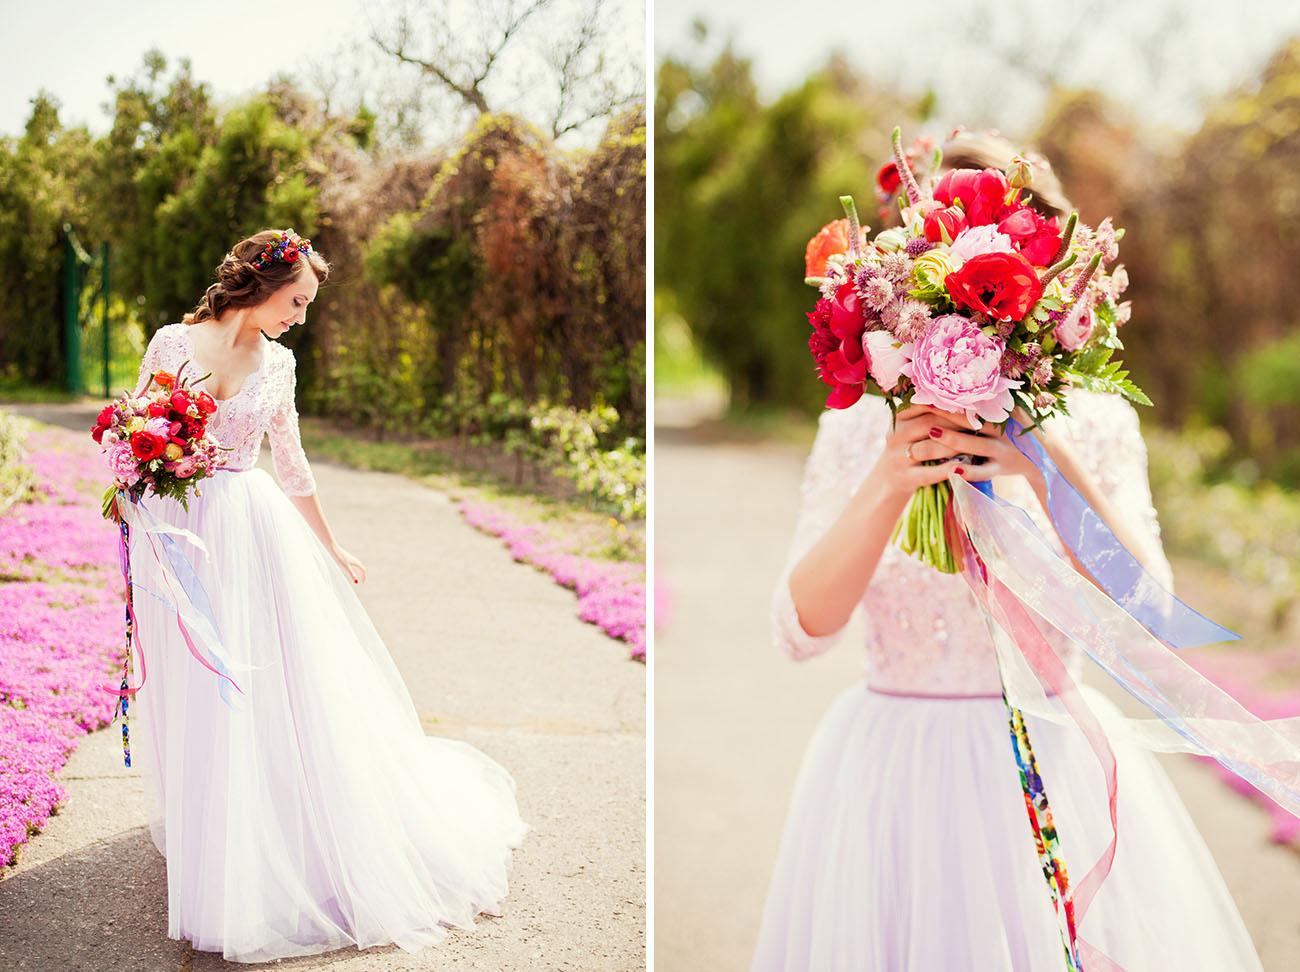 Spring fairytale bride